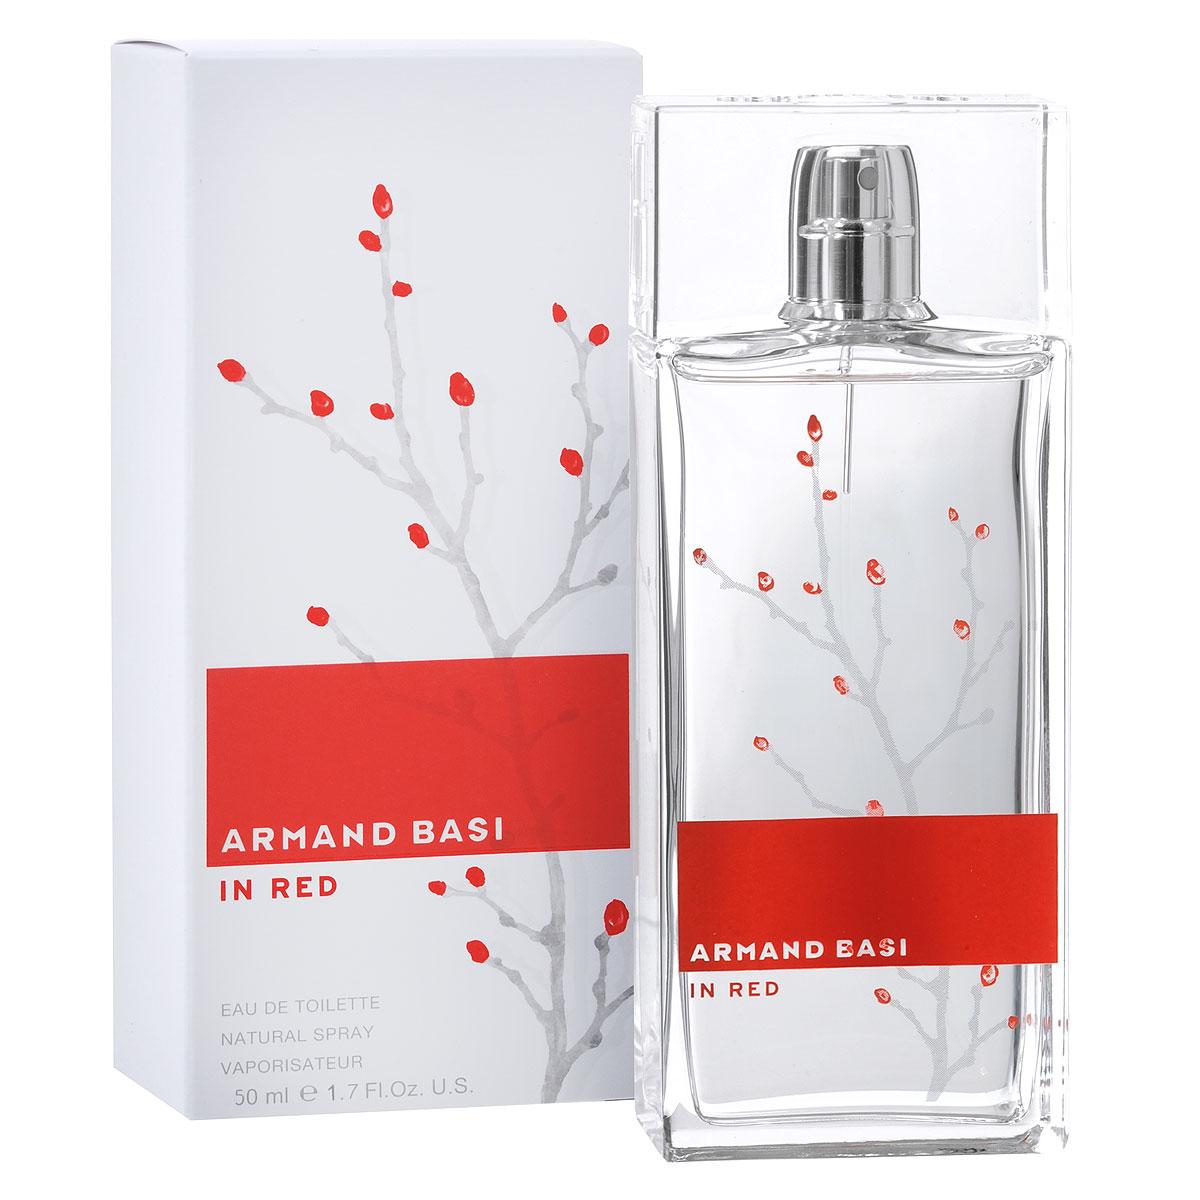 Armand Basi Туалетная вода In Red, женская, 50 мл28032022До сих пор марка Armand Basi использовала только черный и белый цвет. Теперь используются и яркие оттенки. Средиземноморское солнце озаряет мир ярким светом - и в концепции Armand Basi In Red появляется красный цвет. Аромат Armand Basi In Red адресован женщине нашего времени: уверенной, подтверждающей свое право на индивидуальность, способной выразить свои чувства и эмоции - женщине нежной, но в то же время сильной и полной страсти.Открывают аромат ноты свежести цитрусовых, мандарина и бергамота в сочетании с пряными нотами имбиря и кардамона. Они являются прелюдией к цветочному сердцу аромата - комбинации оттенков розы, ландыша, жасмина и листьев фиалки. Благородный характер аромата гармонирует с чувственностью и богатством базовых древесных нот и белого мускуса.Классификация аромата: цветочный.Пирамида аромата:Верхние ноты: мандарин, имбирь, бергамот, кардамон.Ноты сердца: жасмин, листья фиалки, роза, ландыш.Ноты шлейфа: дубовый мох, древесные ноты, мускус.Ключевые словаСтрастный, чувственный, благородный!Туалетная вода - один из самых популярных видов парфюмерной продукции. Туалетная вода содержит 4-10%парфюмерного экстракта. Главные достоинства данного типа продукции заключаются в доступной цене, разнообразии форматов (как правило, 30, 50, 75, 100 мл), удобстве использования (чаще всего - спрей). Идеальна для дневного использования.Товар сертифицирован.